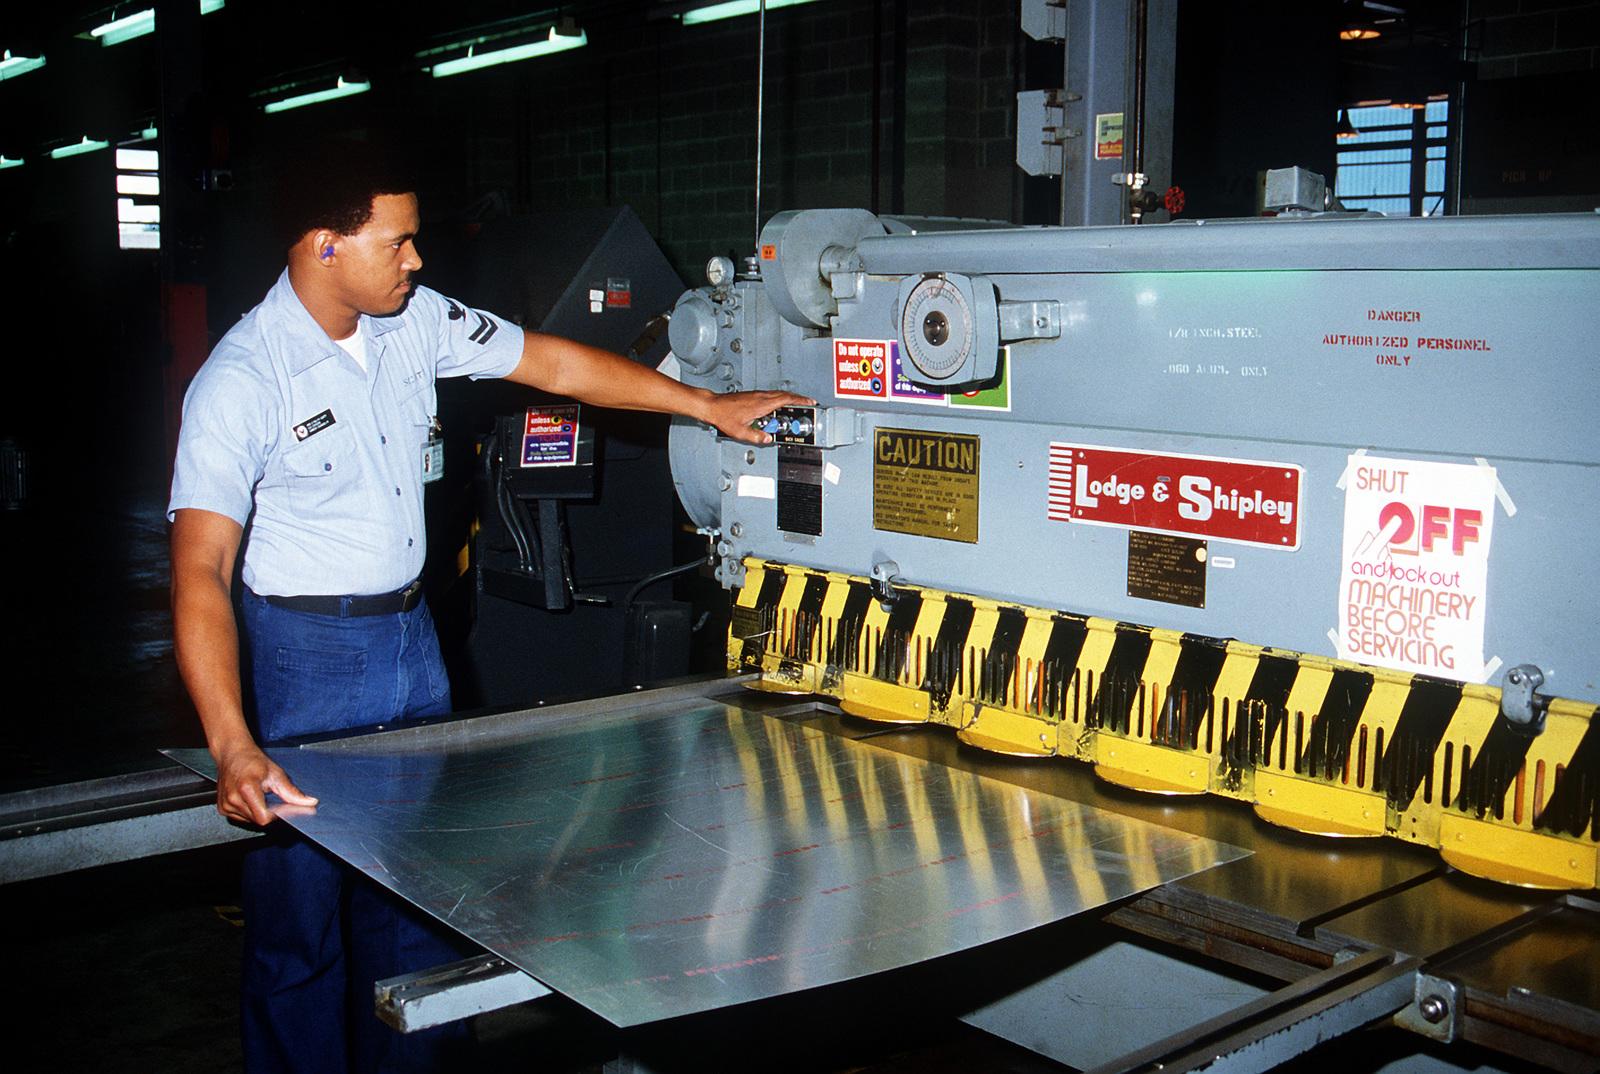 Aviation Structual Mechanic S (Structures) 2nd Class Ralph Scott slides a section of sheet metal into a power shear in an Aircraft Intermediate Maintenance Department (AIMD) shop